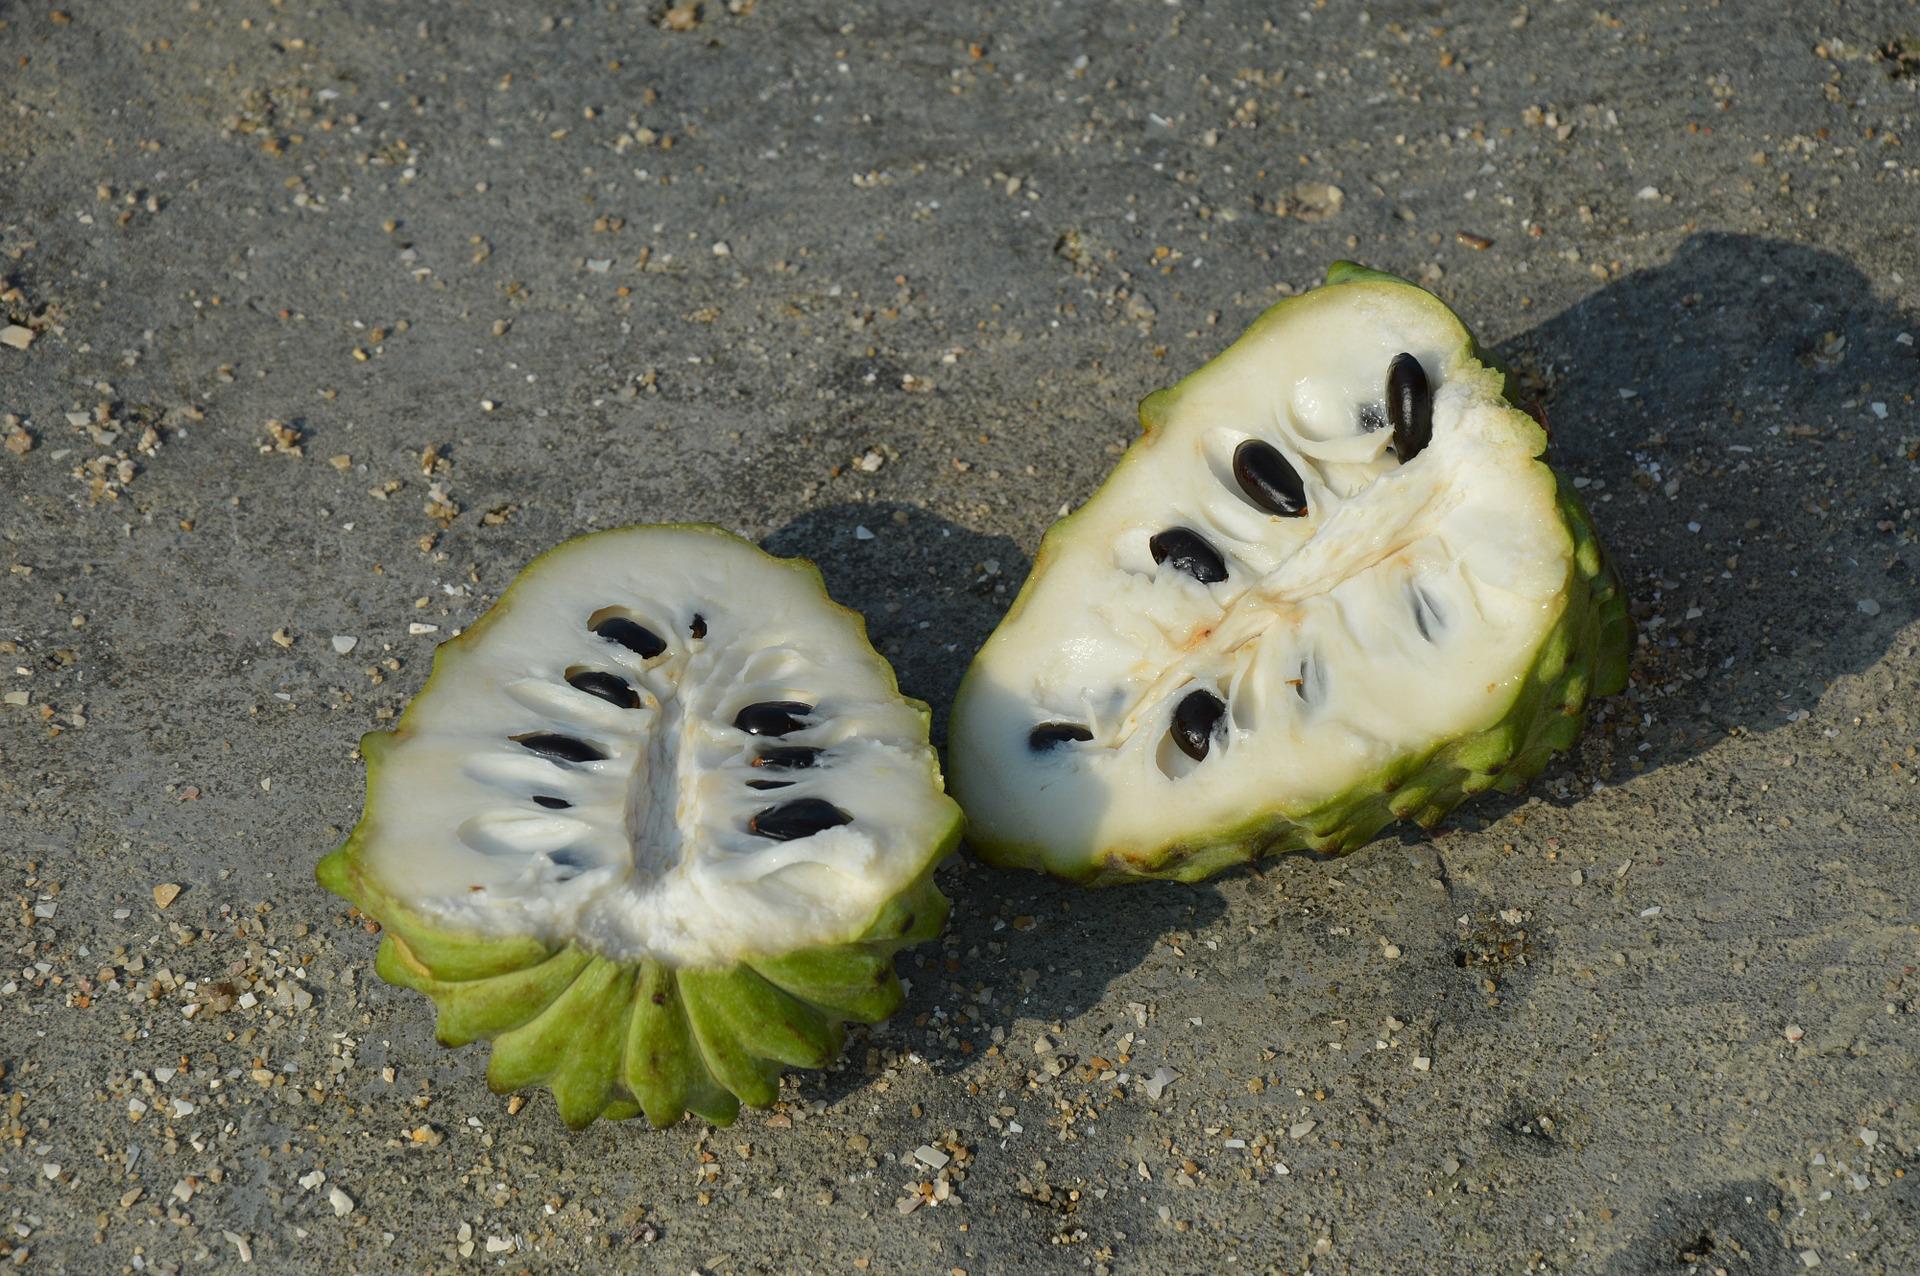 Frutas mexicanas, chirimoya